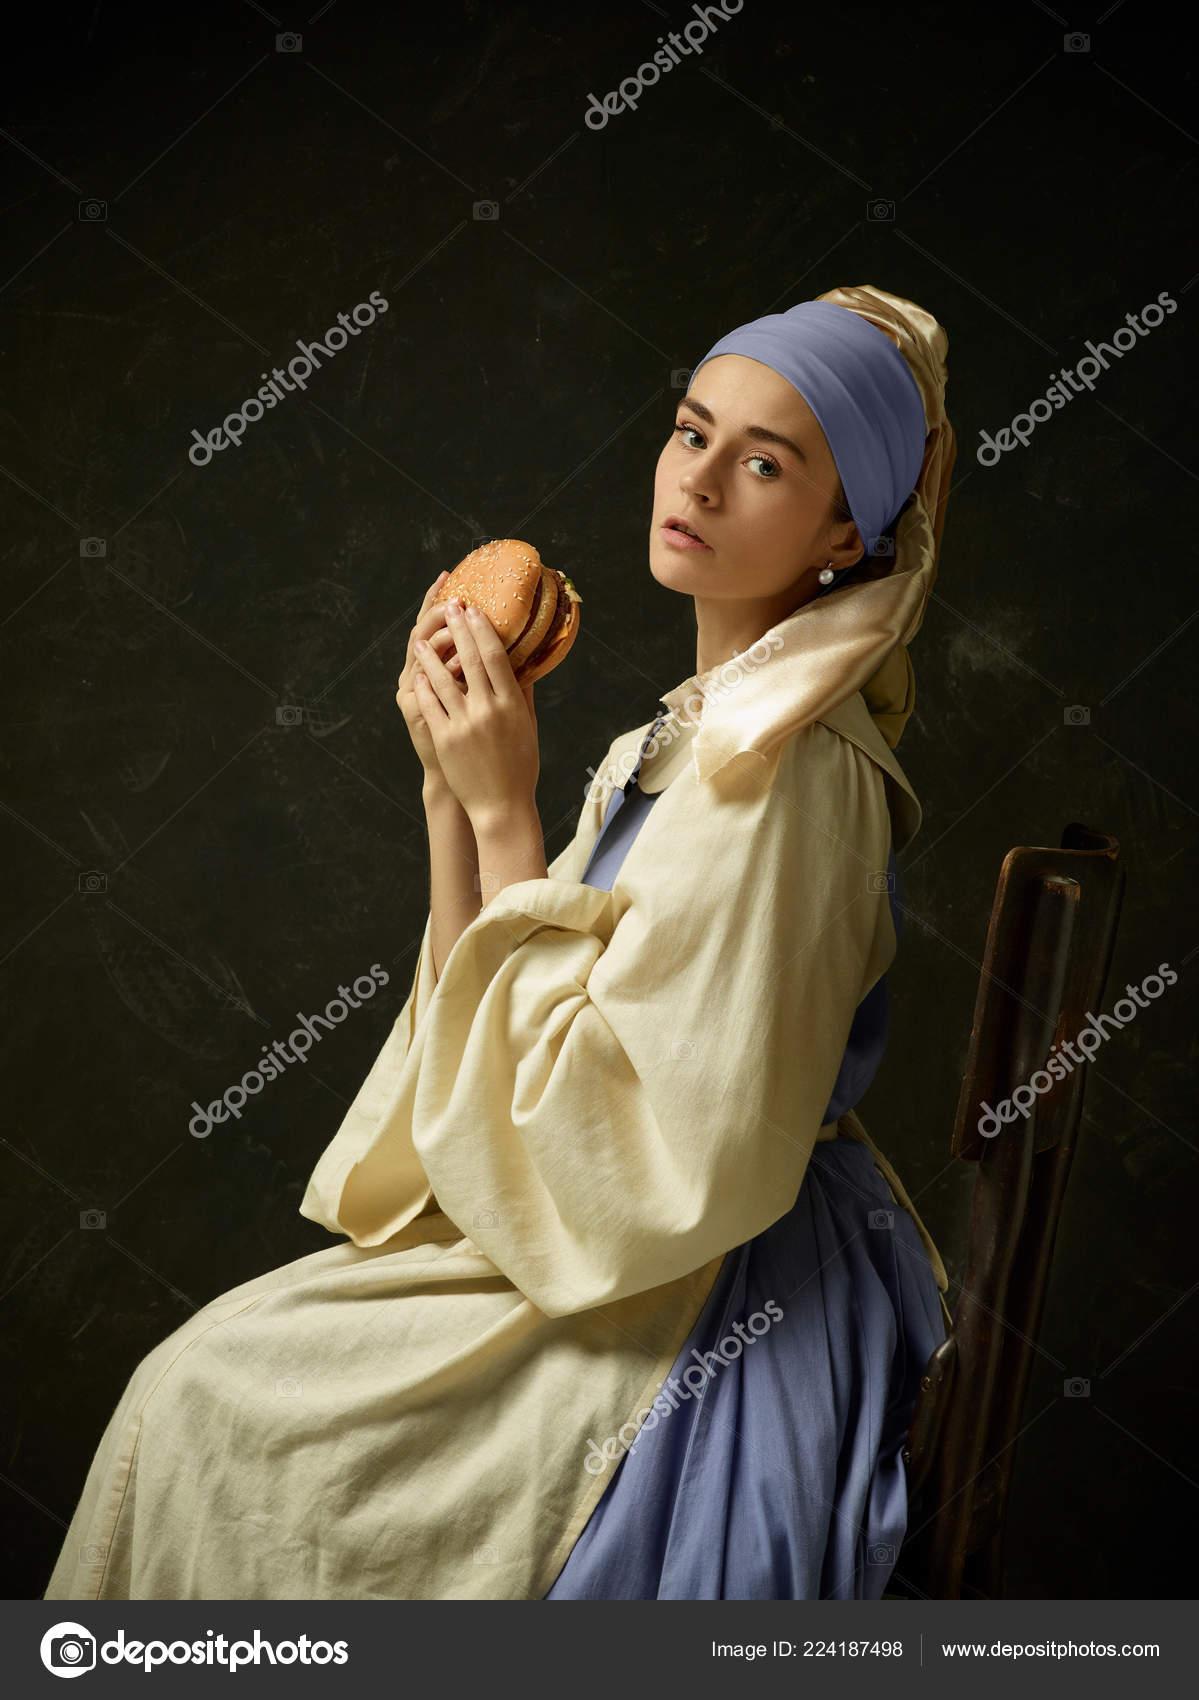 624ebc5d2 Medieval mulher em traje histórico vestindo espartilho vestido e gorro com  hambúrguer. Linda camponesa usando fantasia de sapinhos — Fotografia por ...